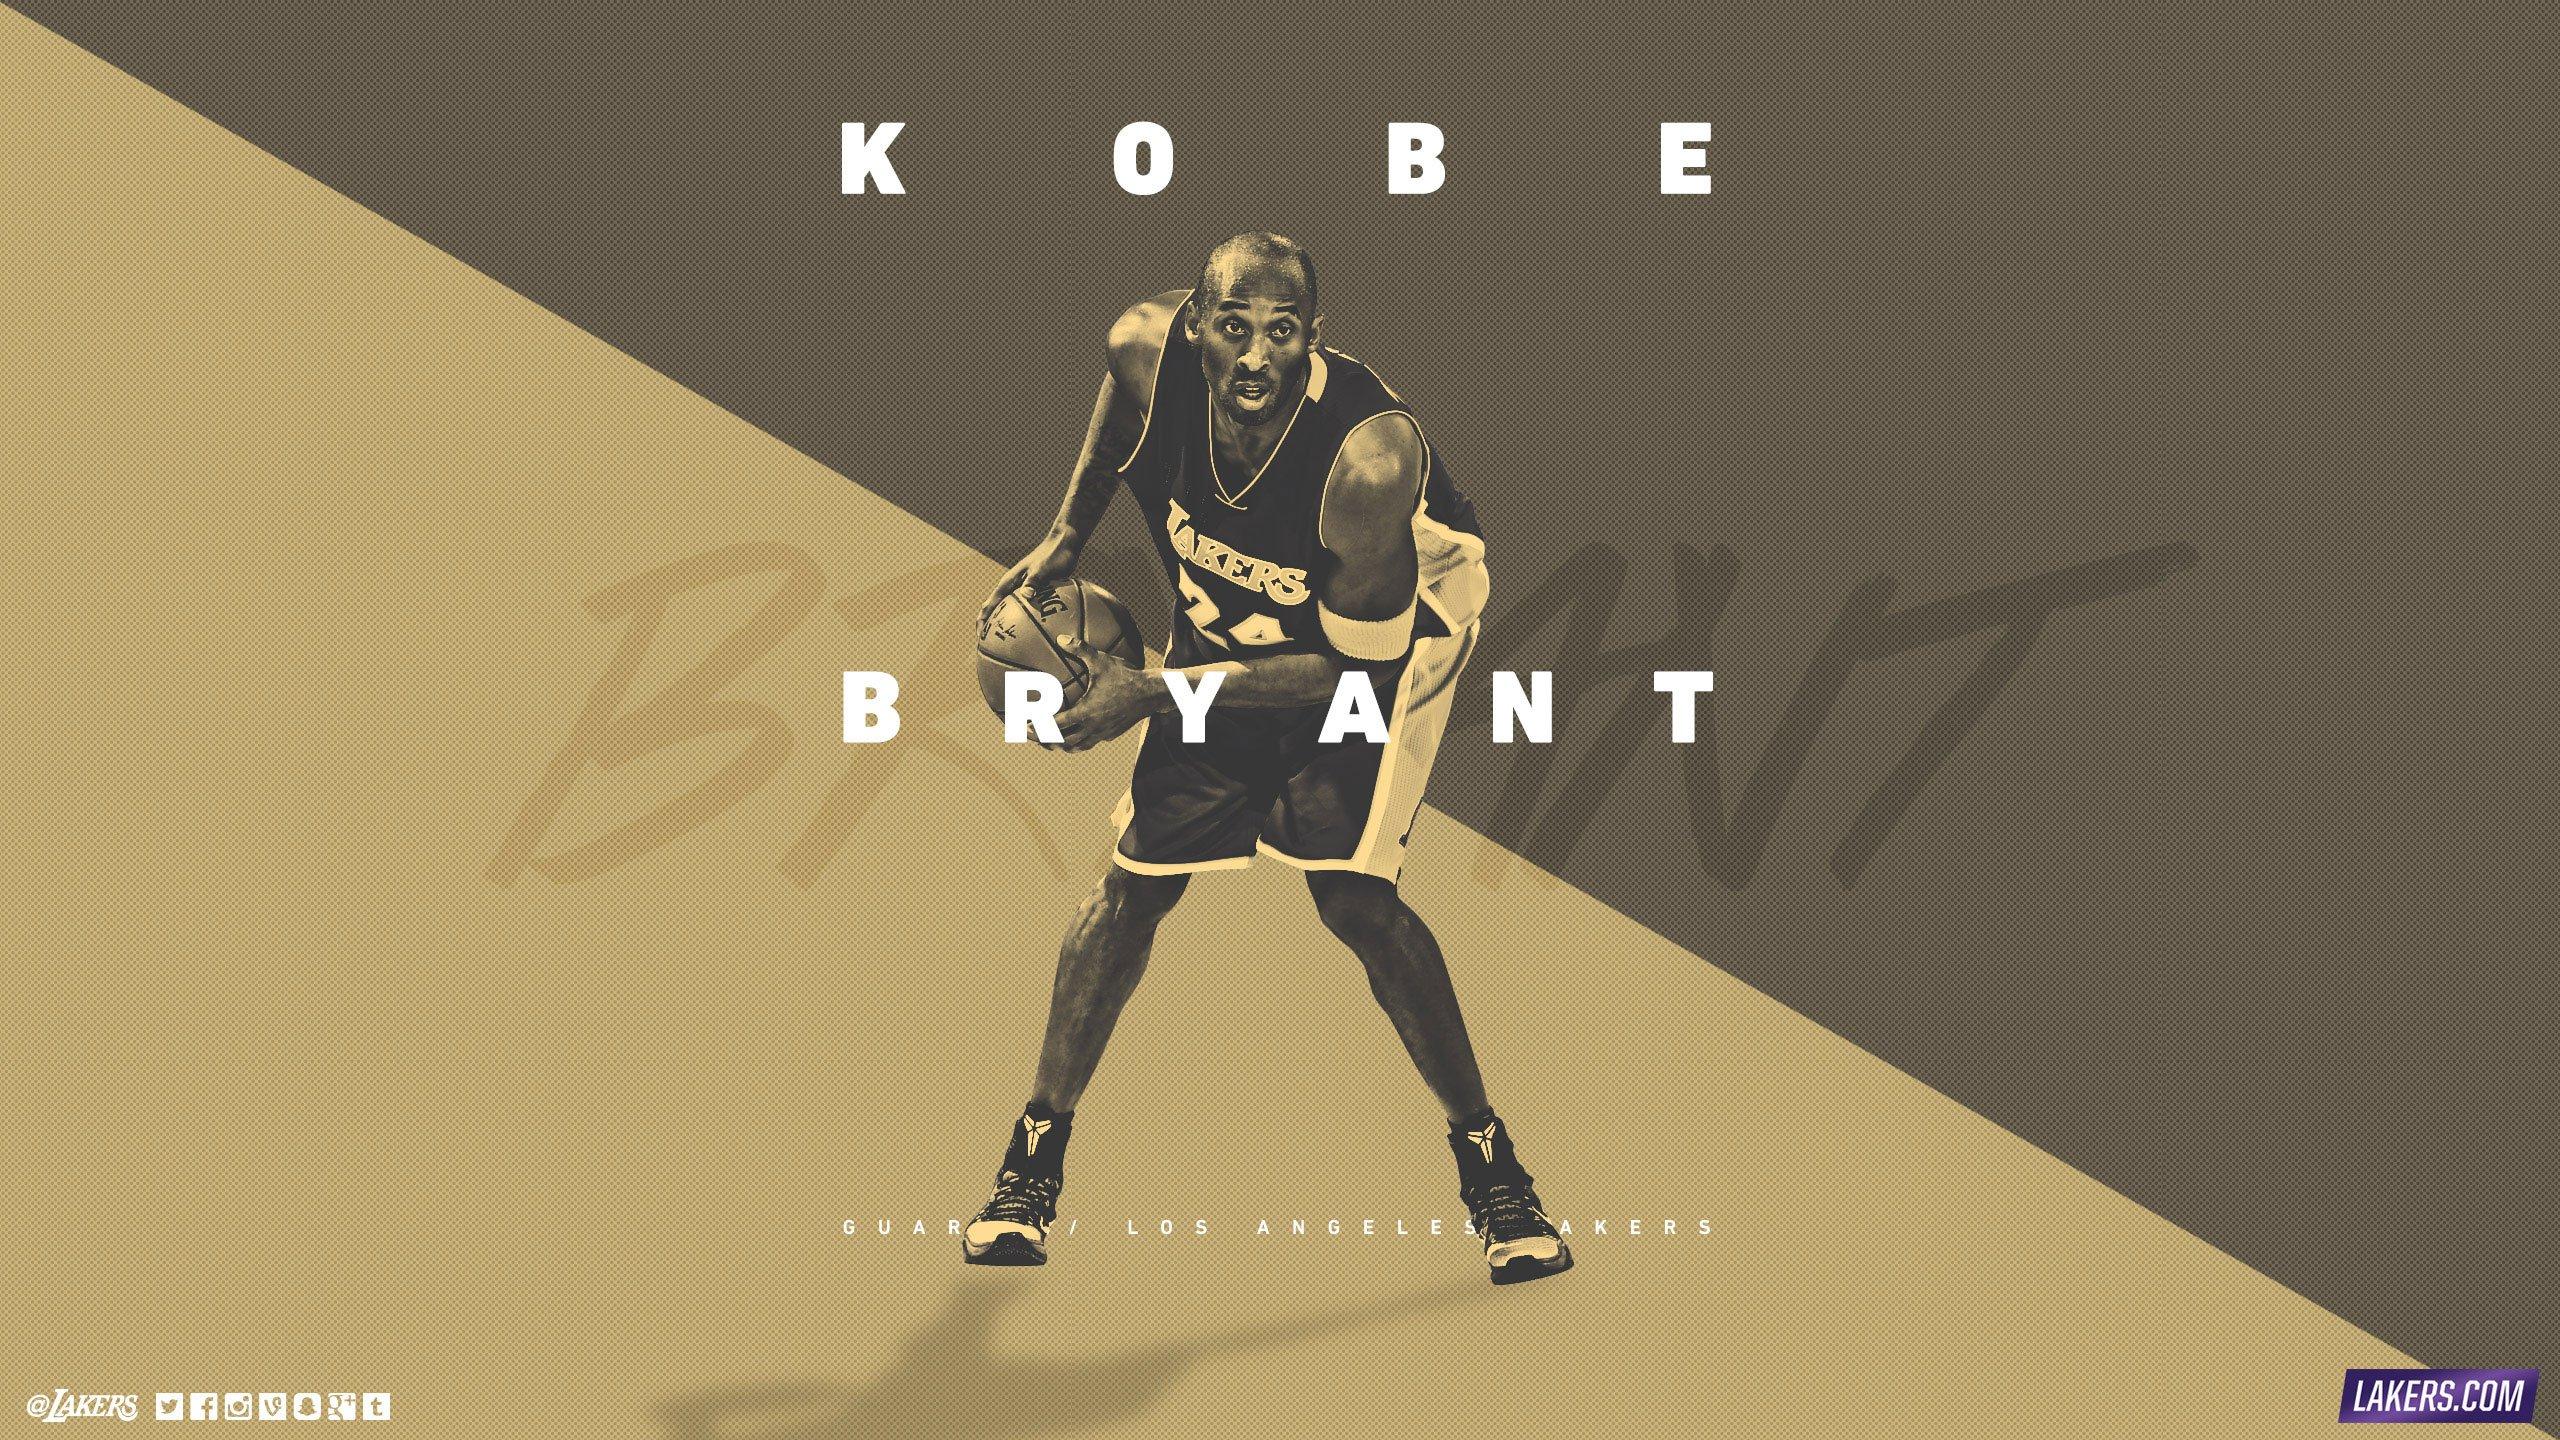 [49+] Kobe Bryant Wallpaper 2016 on WallpaperSafari